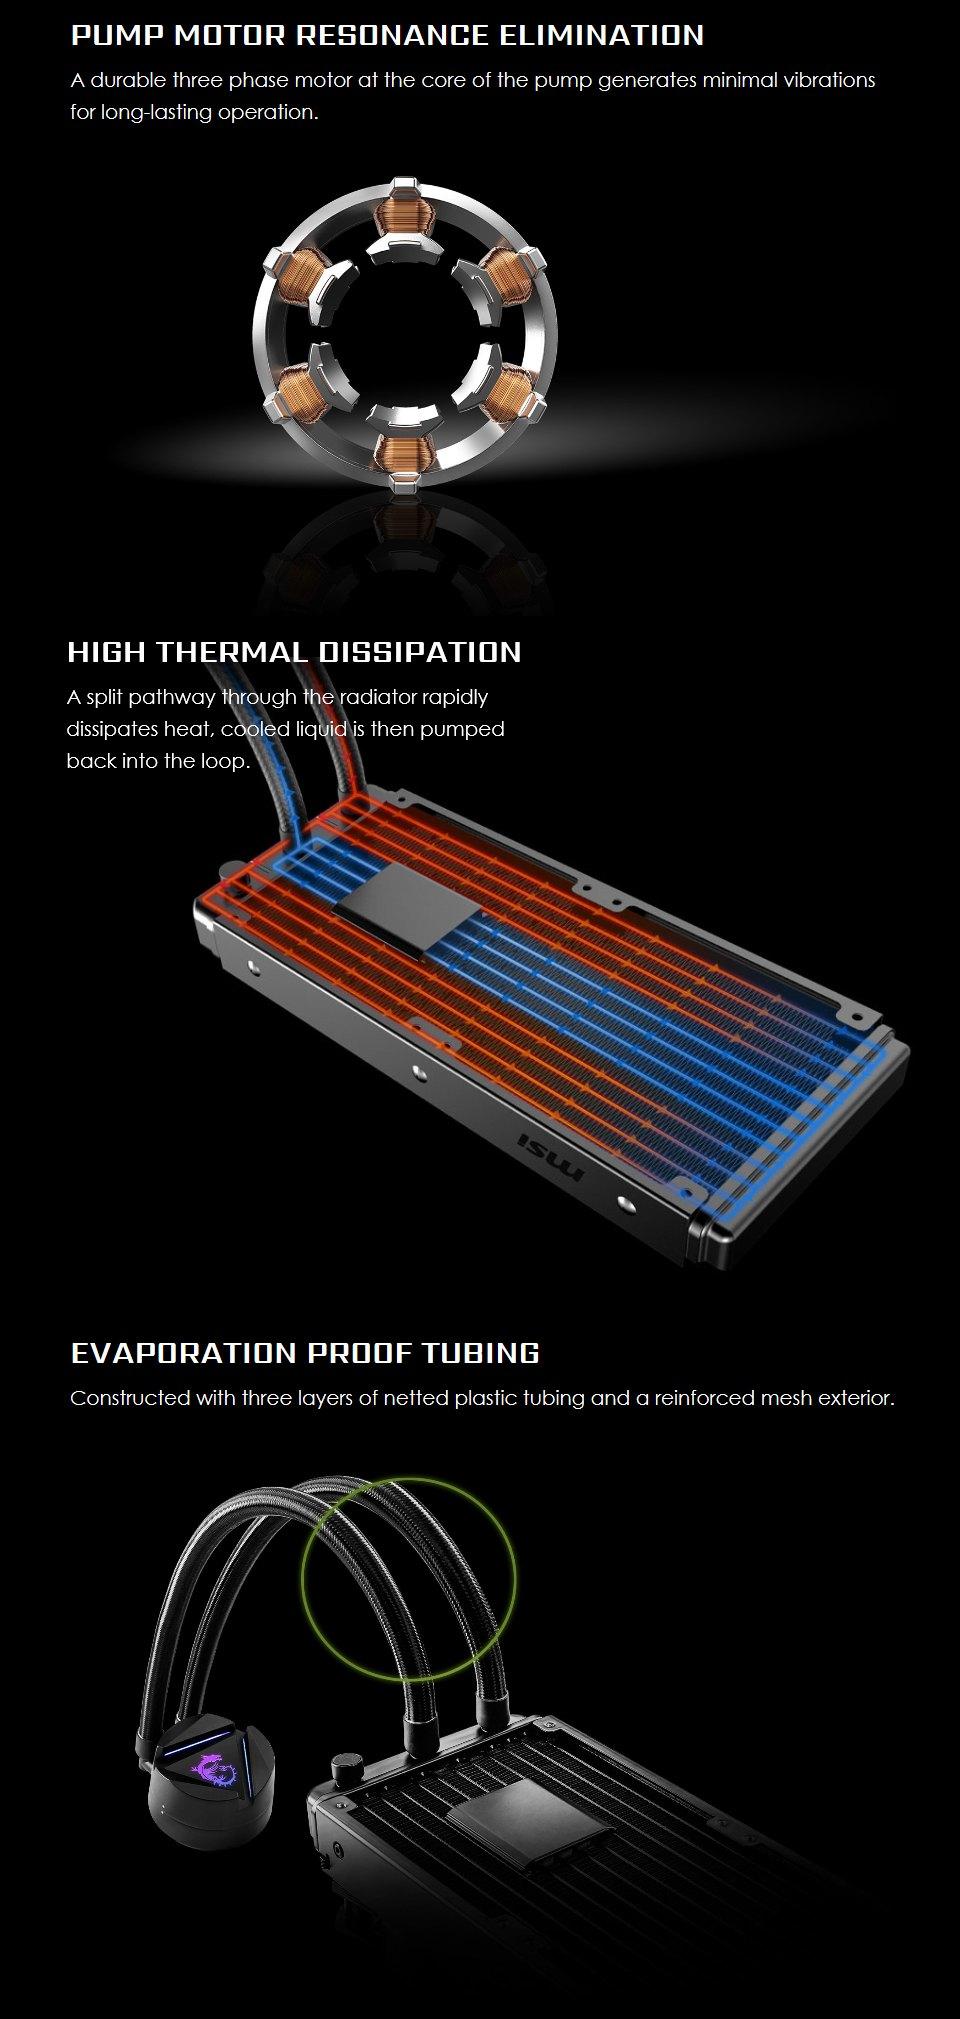 MSI MAG CORELIQUID 240R AIO Liquid CPU Cooler features 2